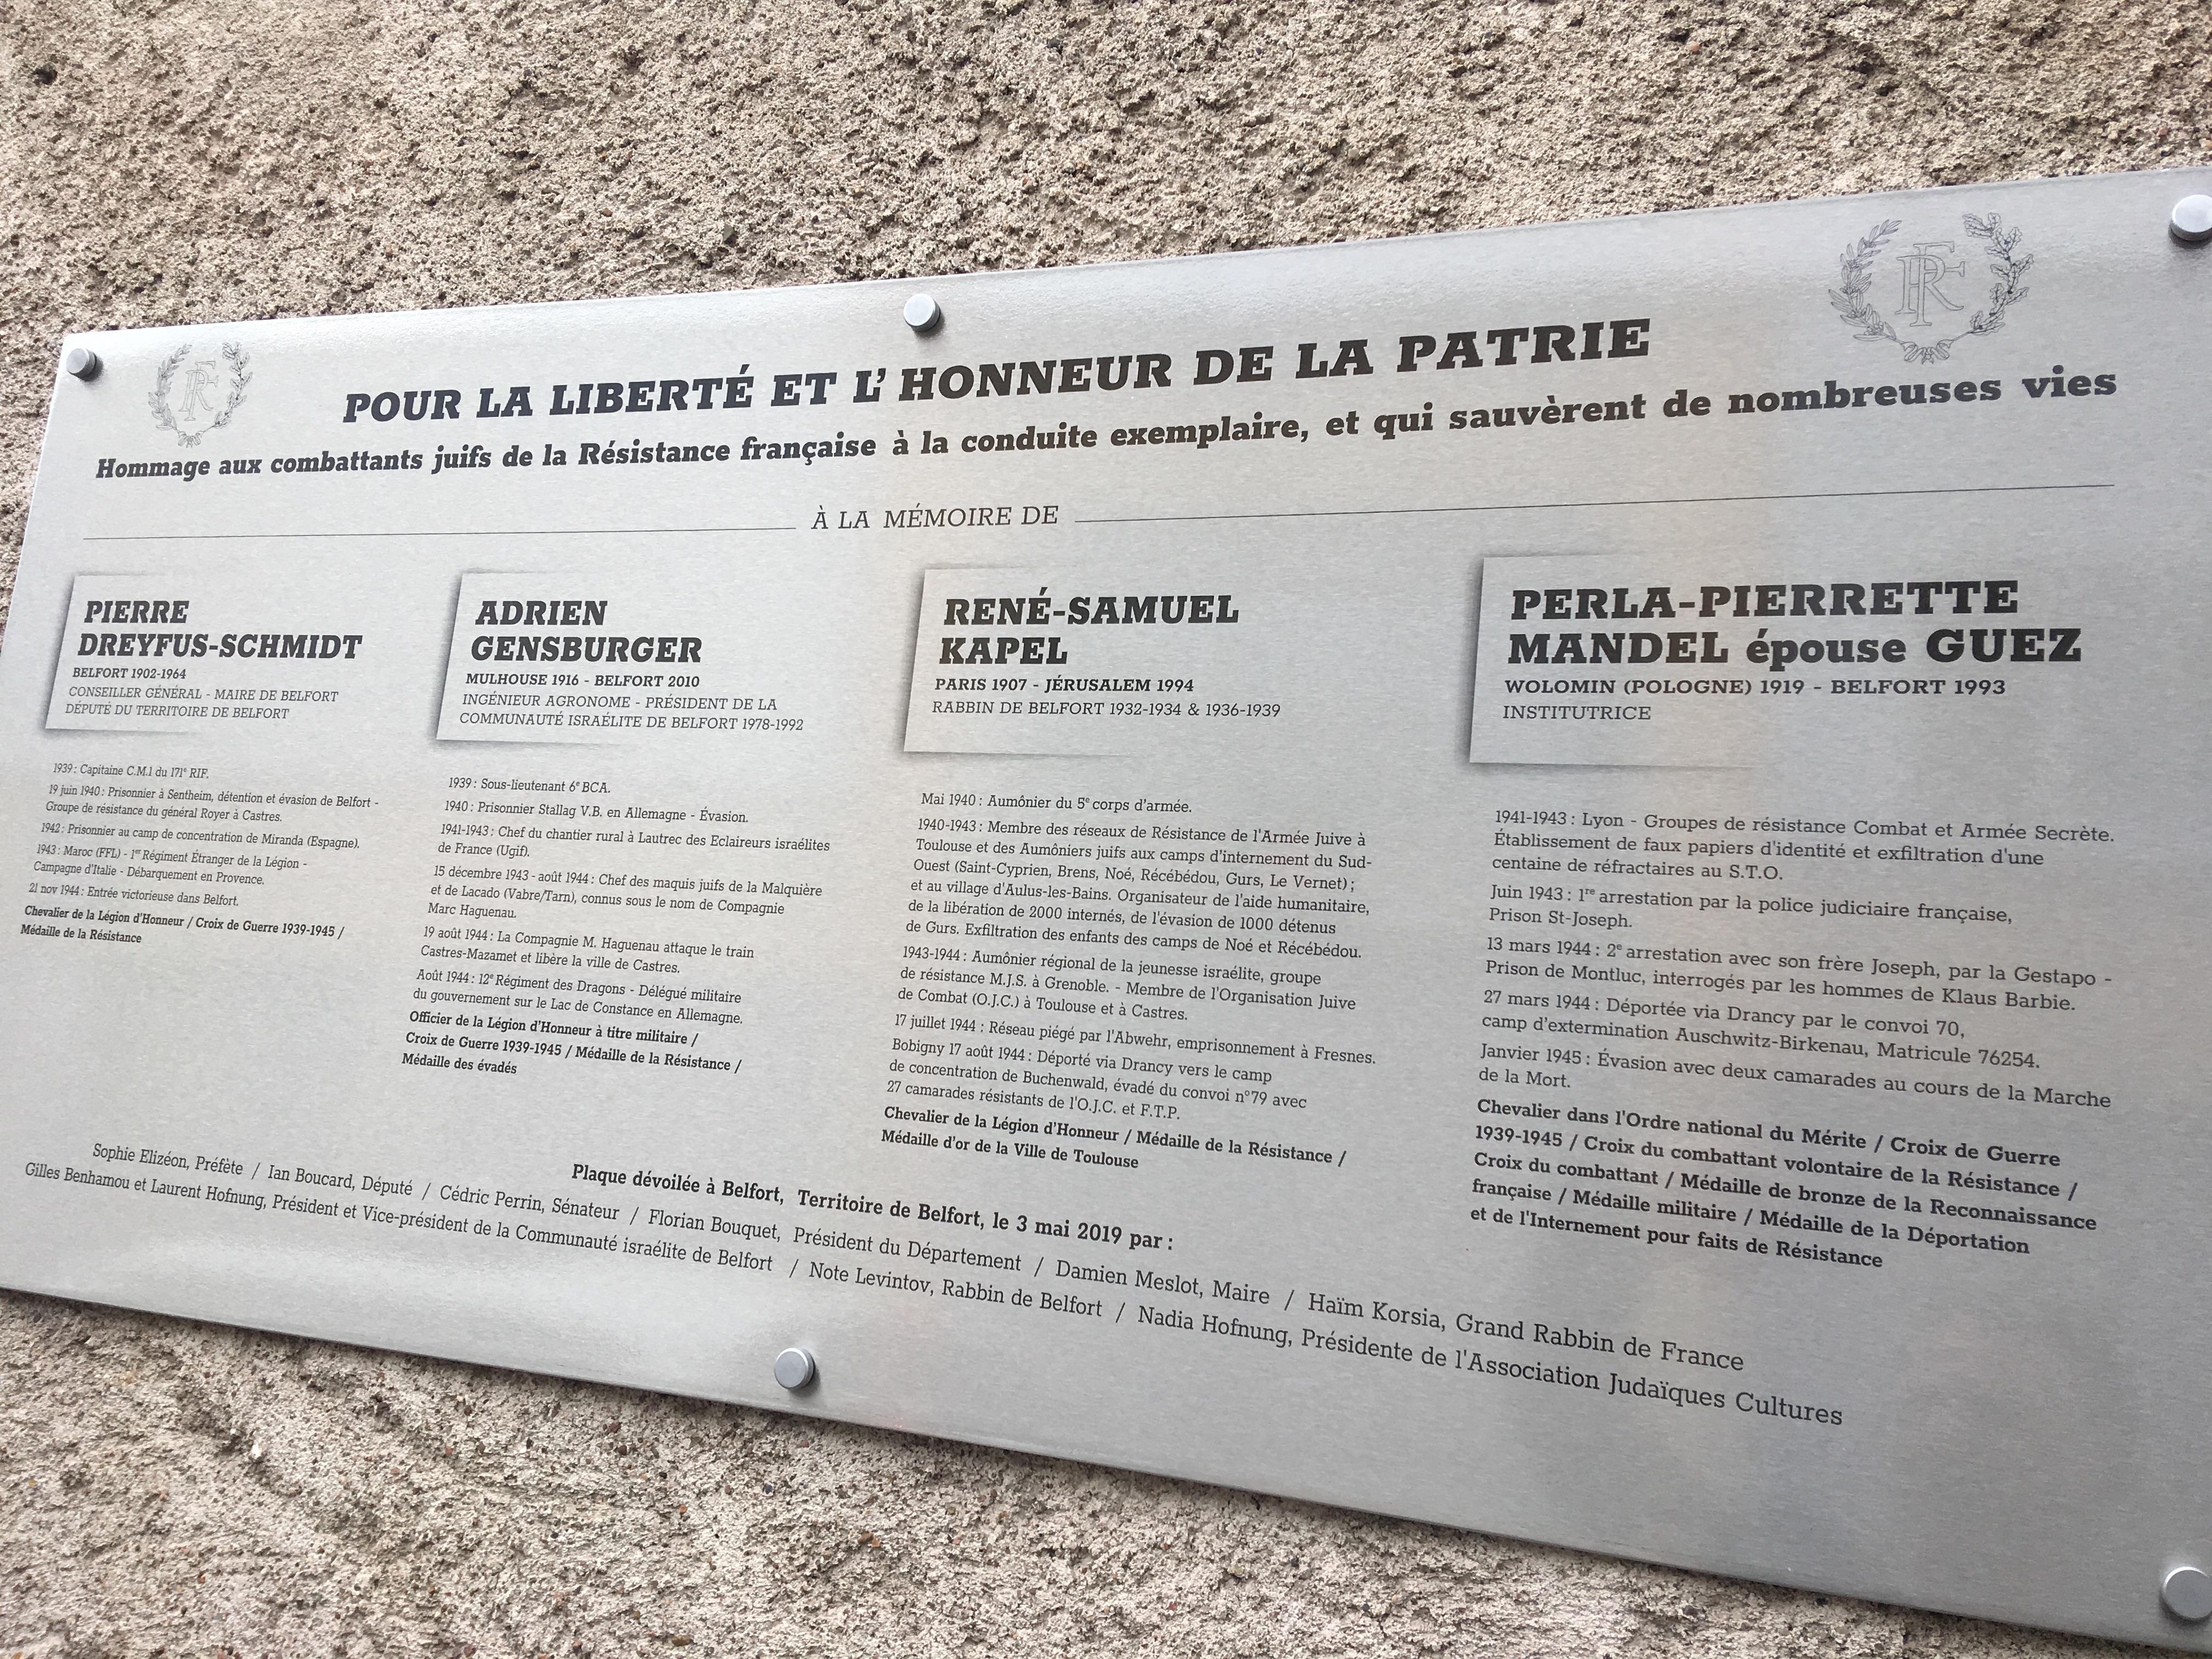 Une plaque en hommage aux combattants juifs de la Résistance Française